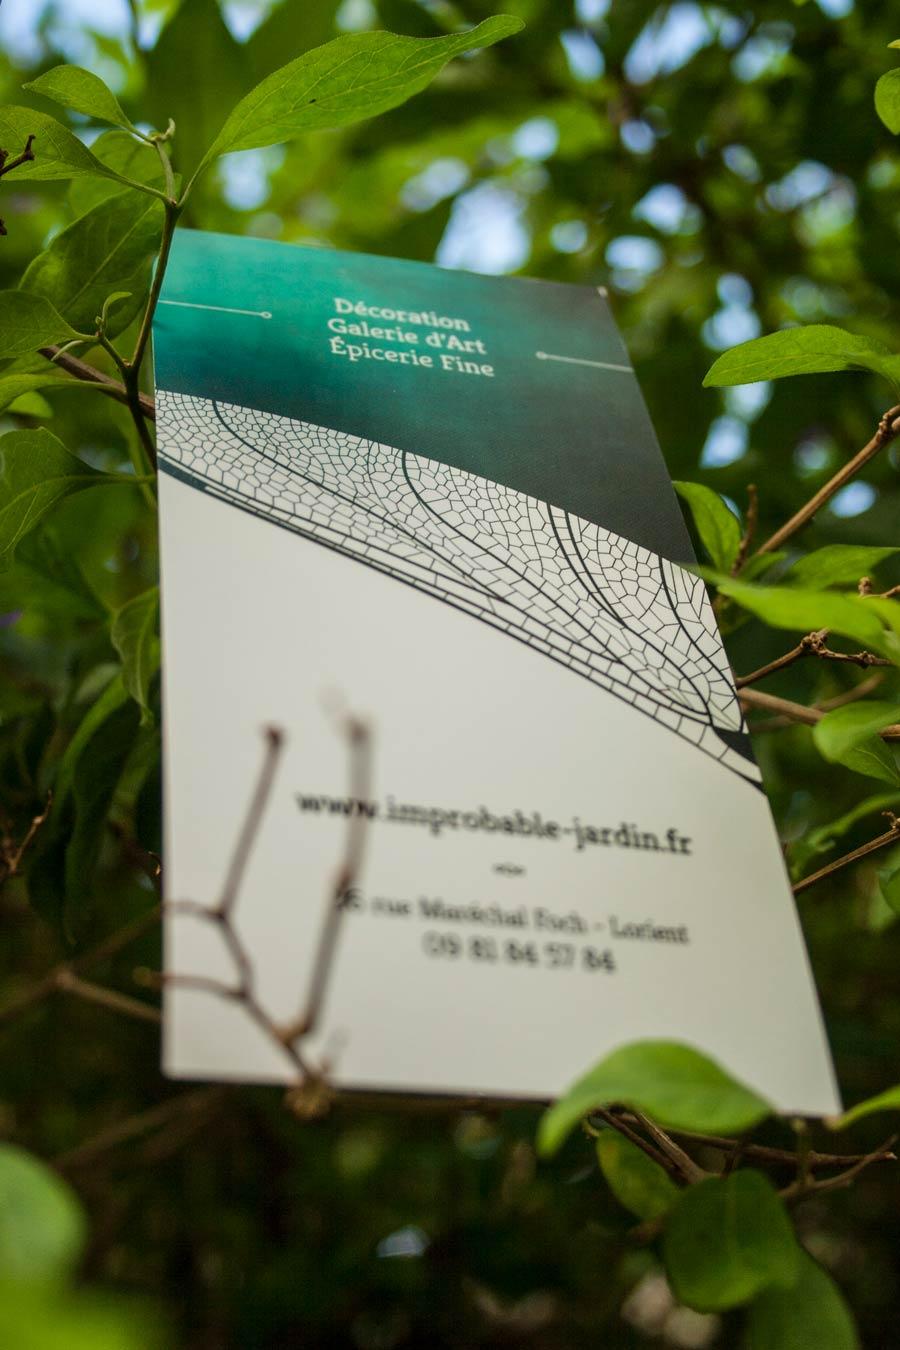 Verso du marque-page Improbable Jardin